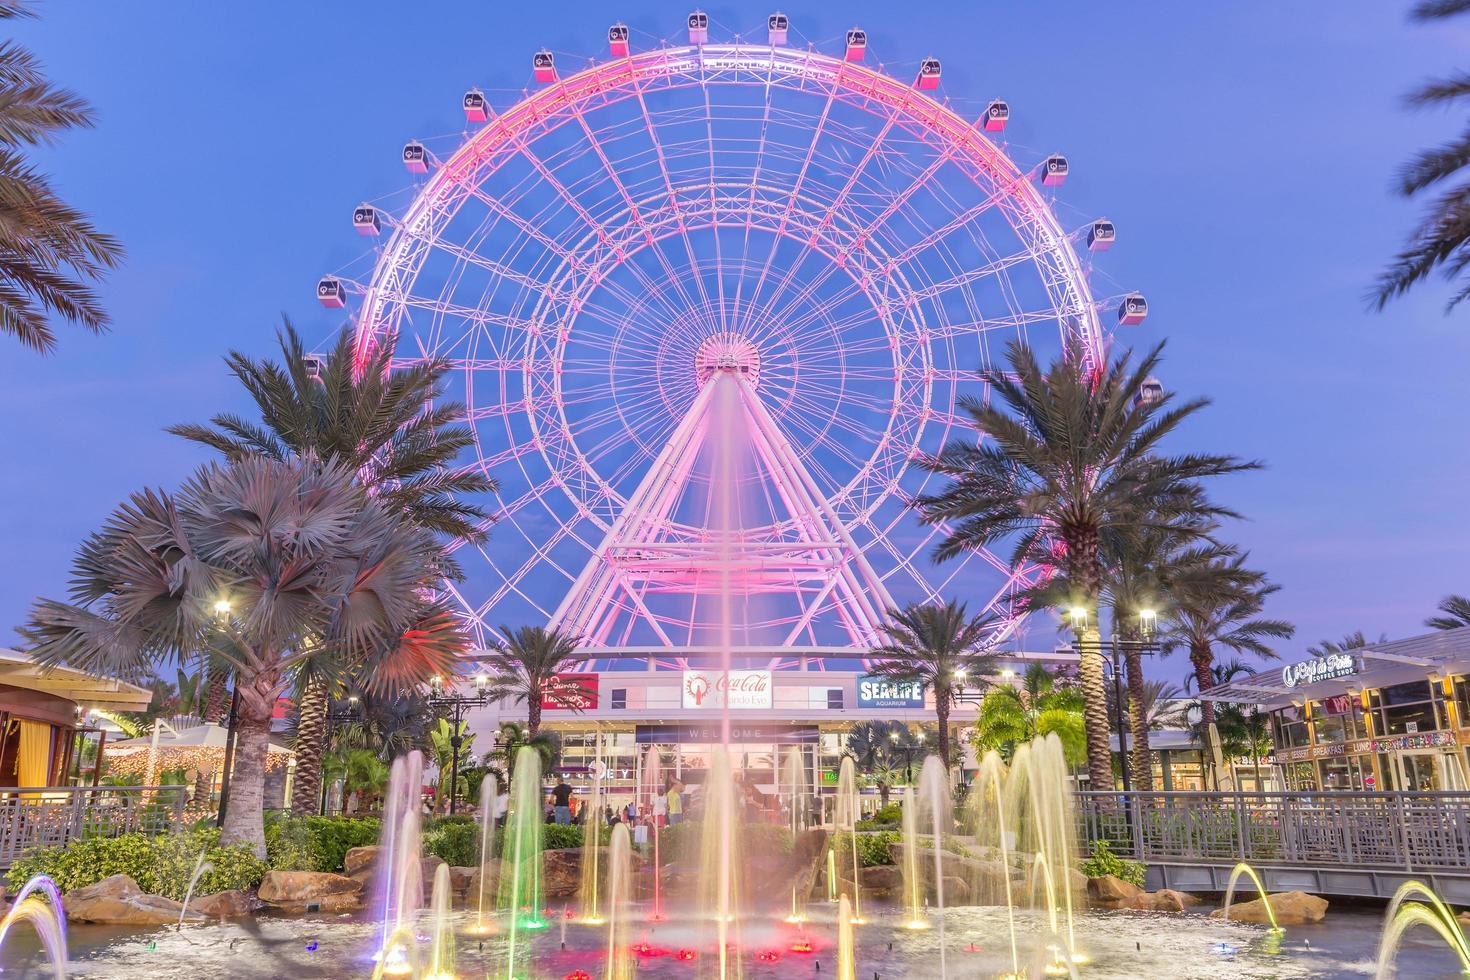 Orlando, Floride, USA 2016 - L'Oeil d'Orlando est une grande roue de 400 pieds de haut au cœur d'Orlando et la plus grande roue d'observation de la côte Est photo